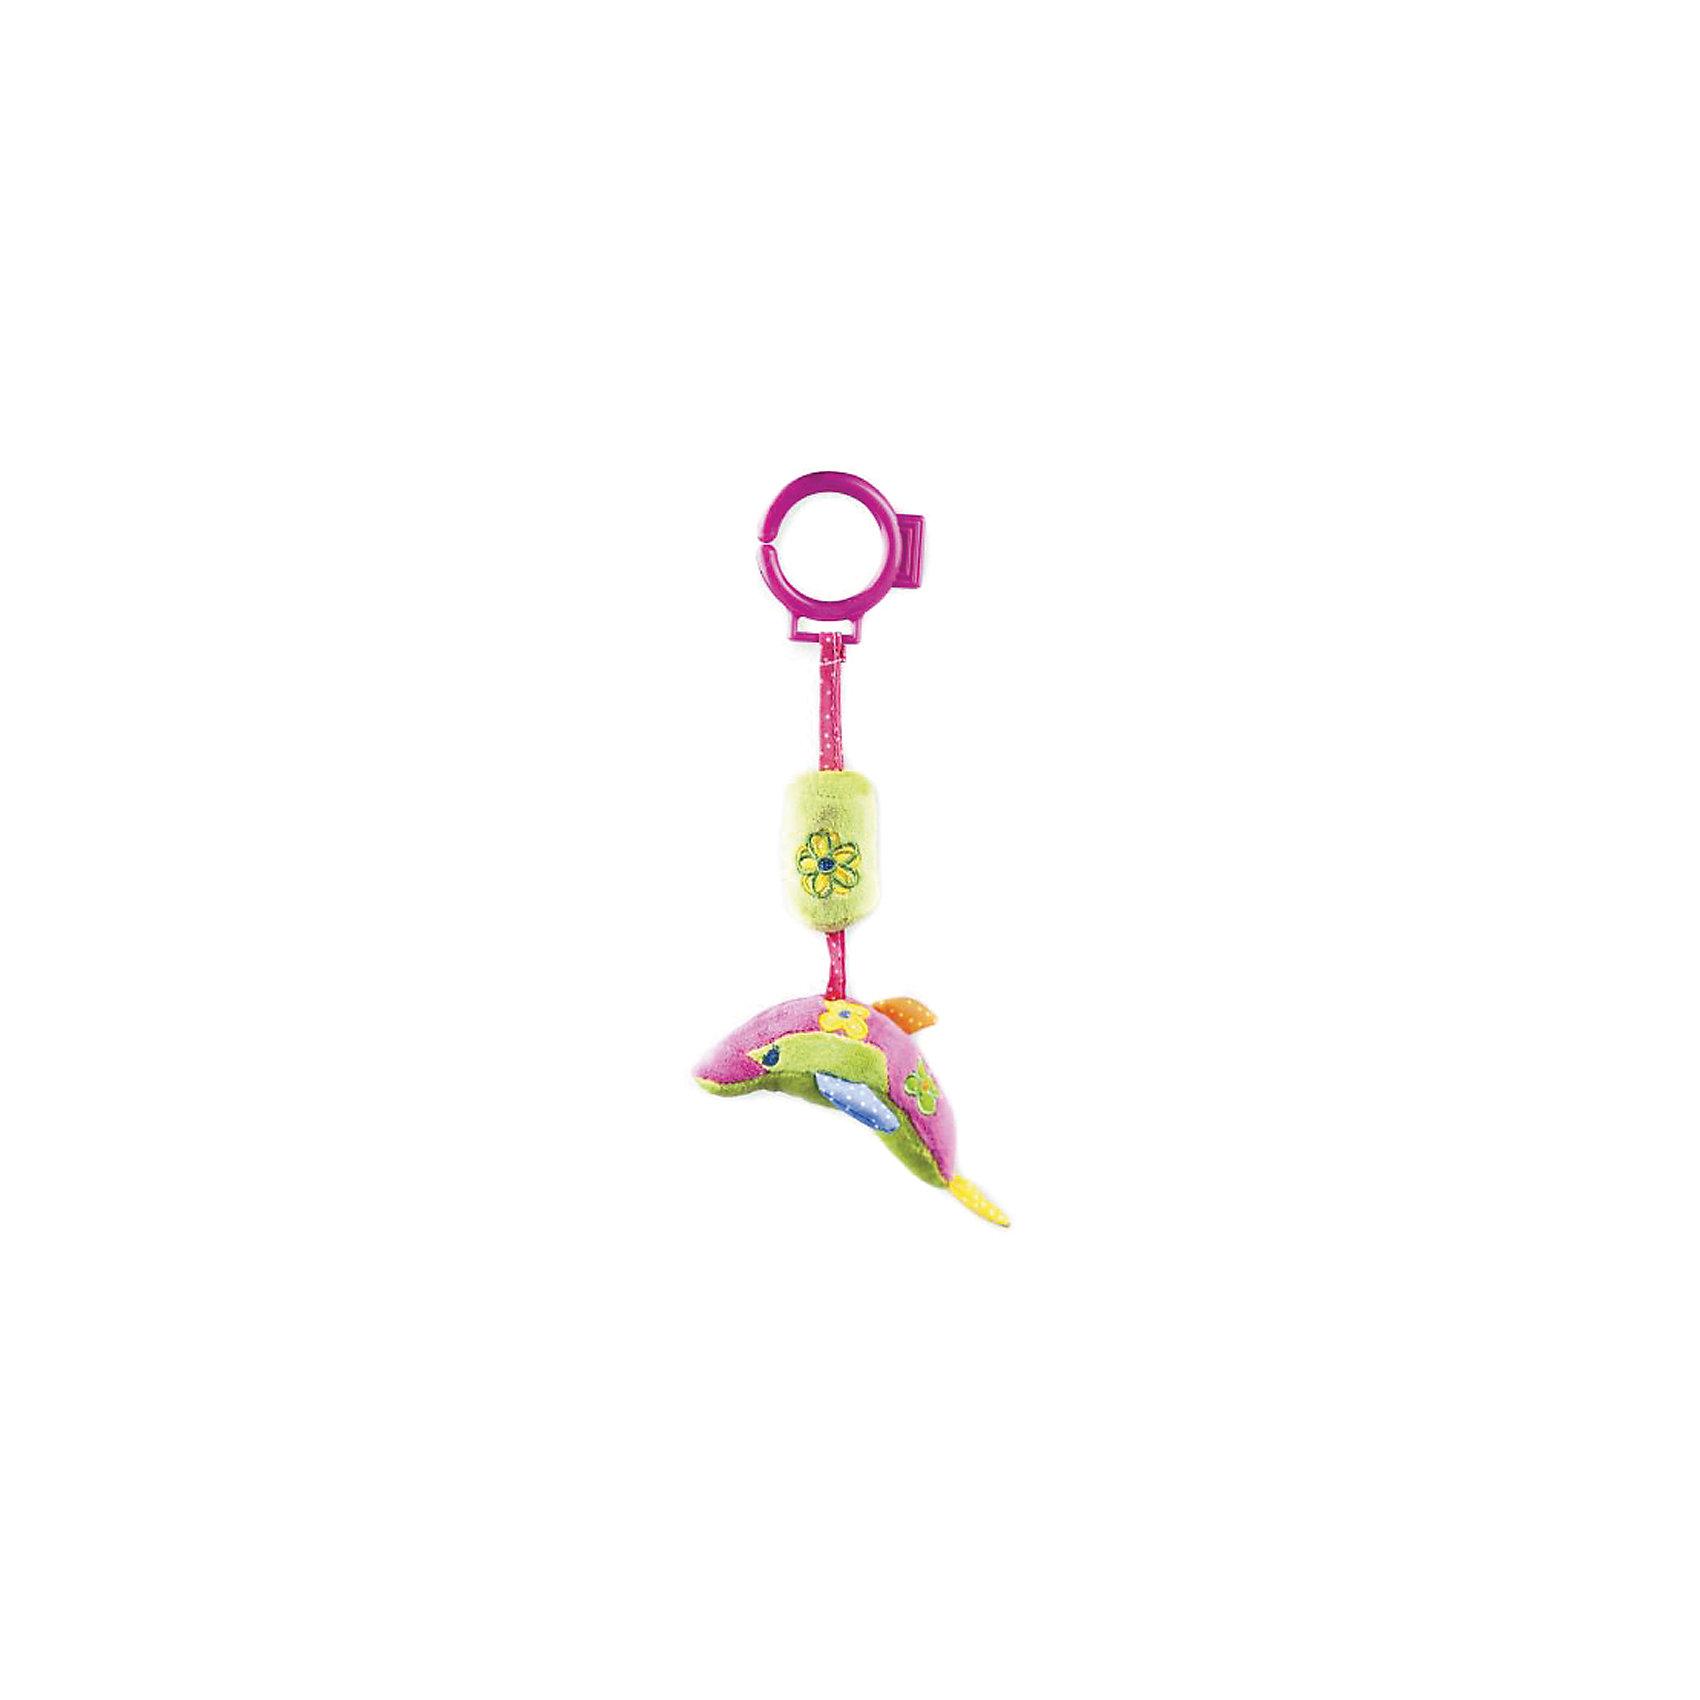 Развивающая игрушка Дельфин, ЖирафикиРазвивающие игрушки<br>Развивающие игрушки должны быть у каждого малыша. Такие игрушки будут не только развивать способности малыша во время веселой игры, но и радовать глаз, потому что современные развивающие модели красивые и обладают стильным дизайном. Новая игрушка «дельфин» - мягкая игрушка, которая издает звуки, если ее потрясти, как обыкновенную погремушку. Развивает слух и улучшает мелкую моторику малыша. Материалы, использованные при изготовлении товара, абсолютно безопасны и отвечают всем международным требованиям по качеству.<br><br>Дополнительные характеристики:<br><br>материал: текстиль;<br>цвет: разноцветный;<br>габариты: 16 X 5 X 30 см.<br><br>Развивающую игрушку Дельфин от компании Жирафики можно приобрести в нашем магазине.<br><br>Ширина мм: 560<br>Глубина мм: 320<br>Высота мм: 315<br>Вес г: 89<br>Возраст от месяцев: 3<br>Возраст до месяцев: 36<br>Пол: Унисекс<br>Возраст: Детский<br>SKU: 5032557